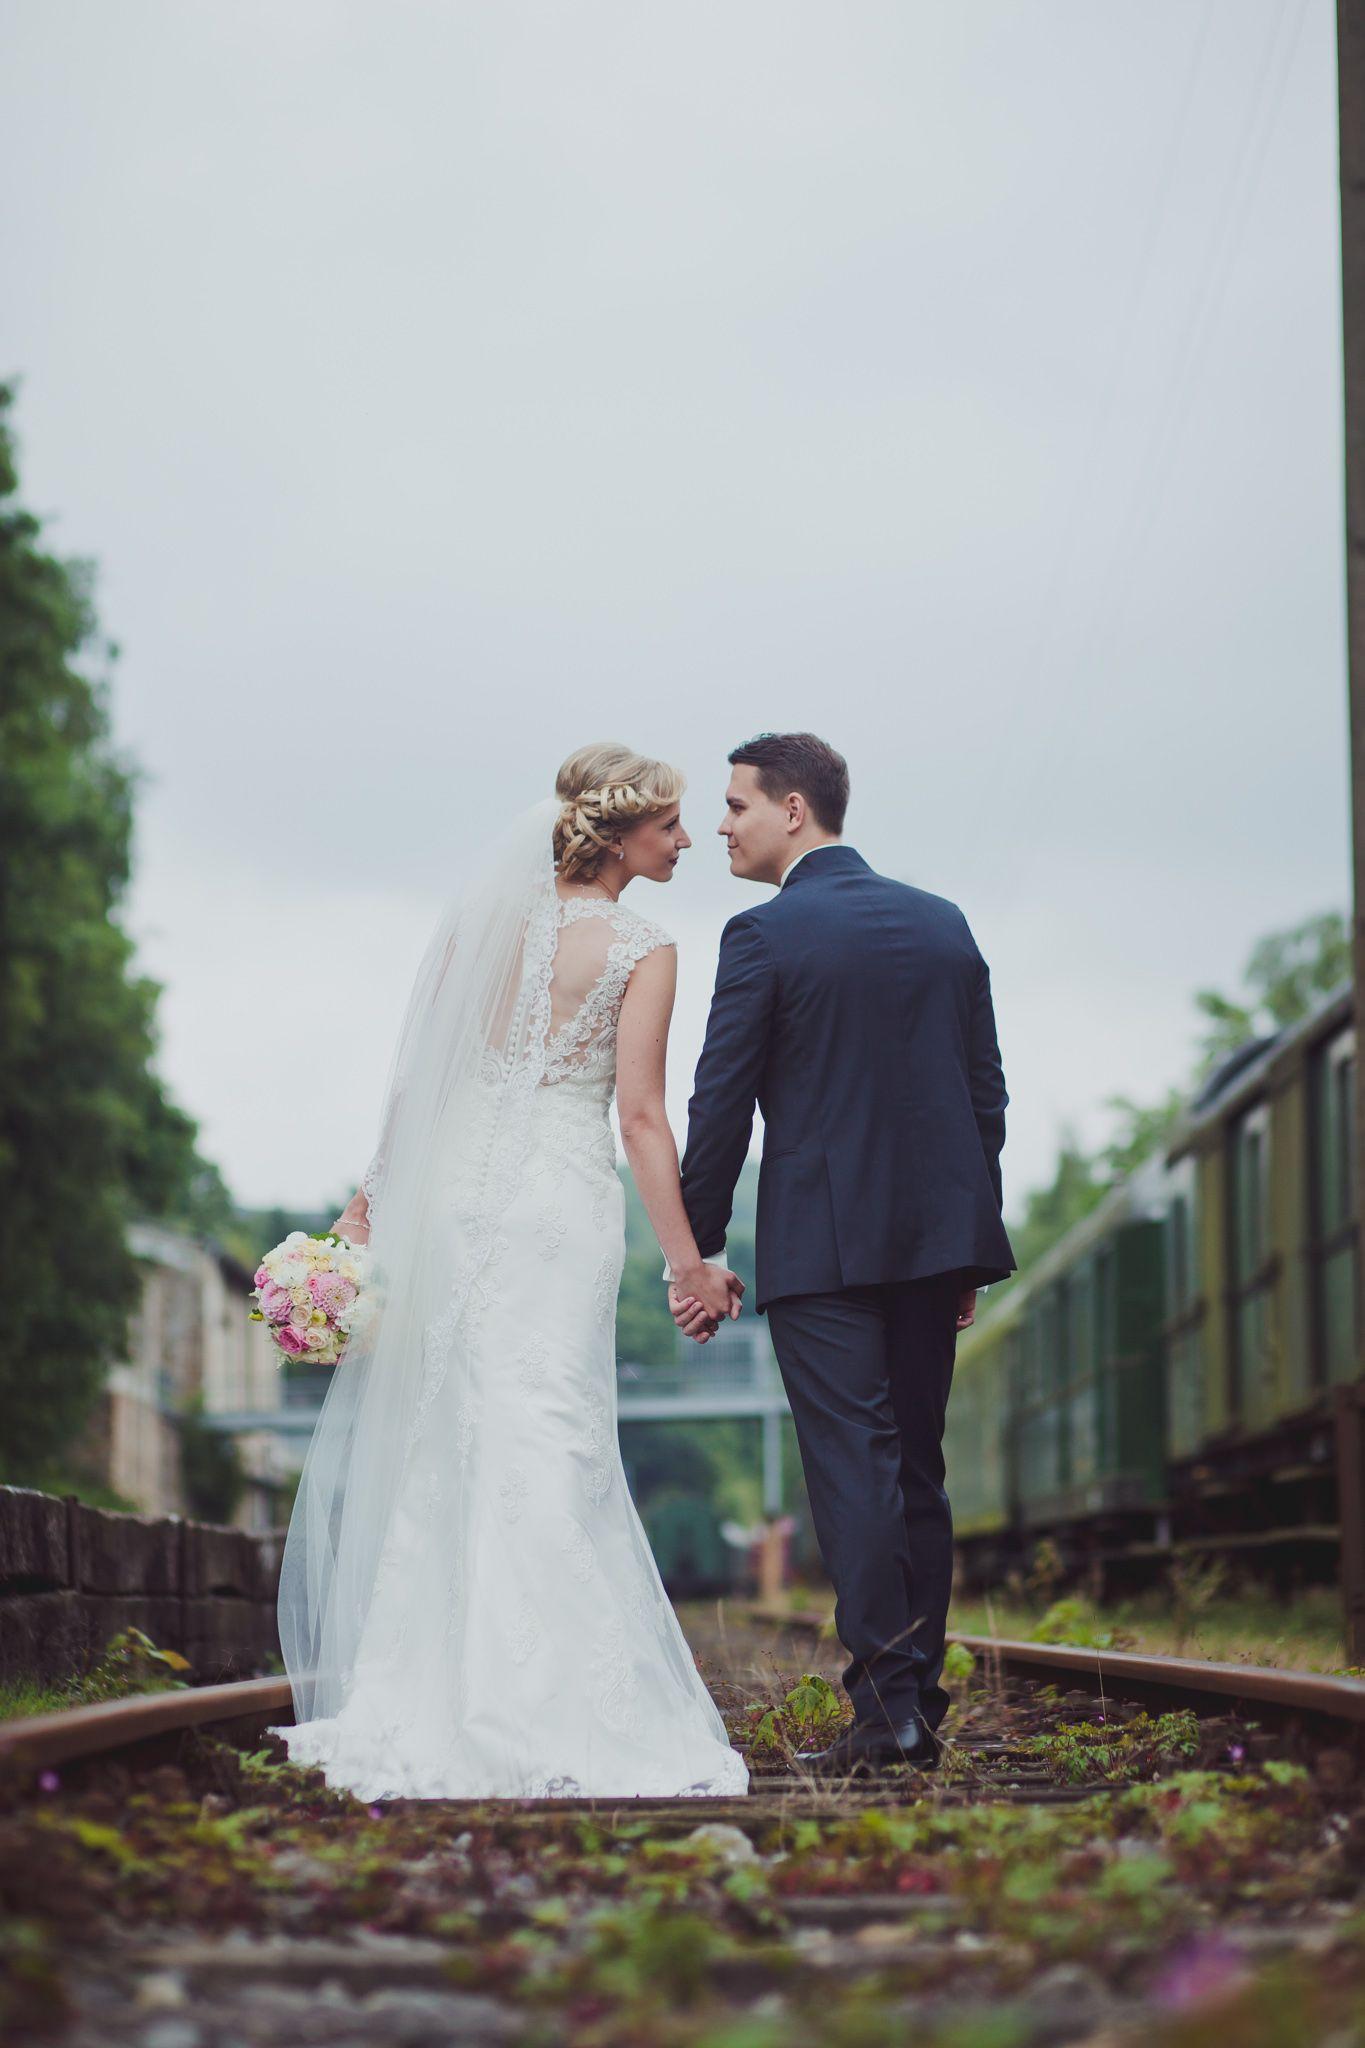 kreatives Hochzeitsfoto auf Bahngleisen   Hochzeitsfotos